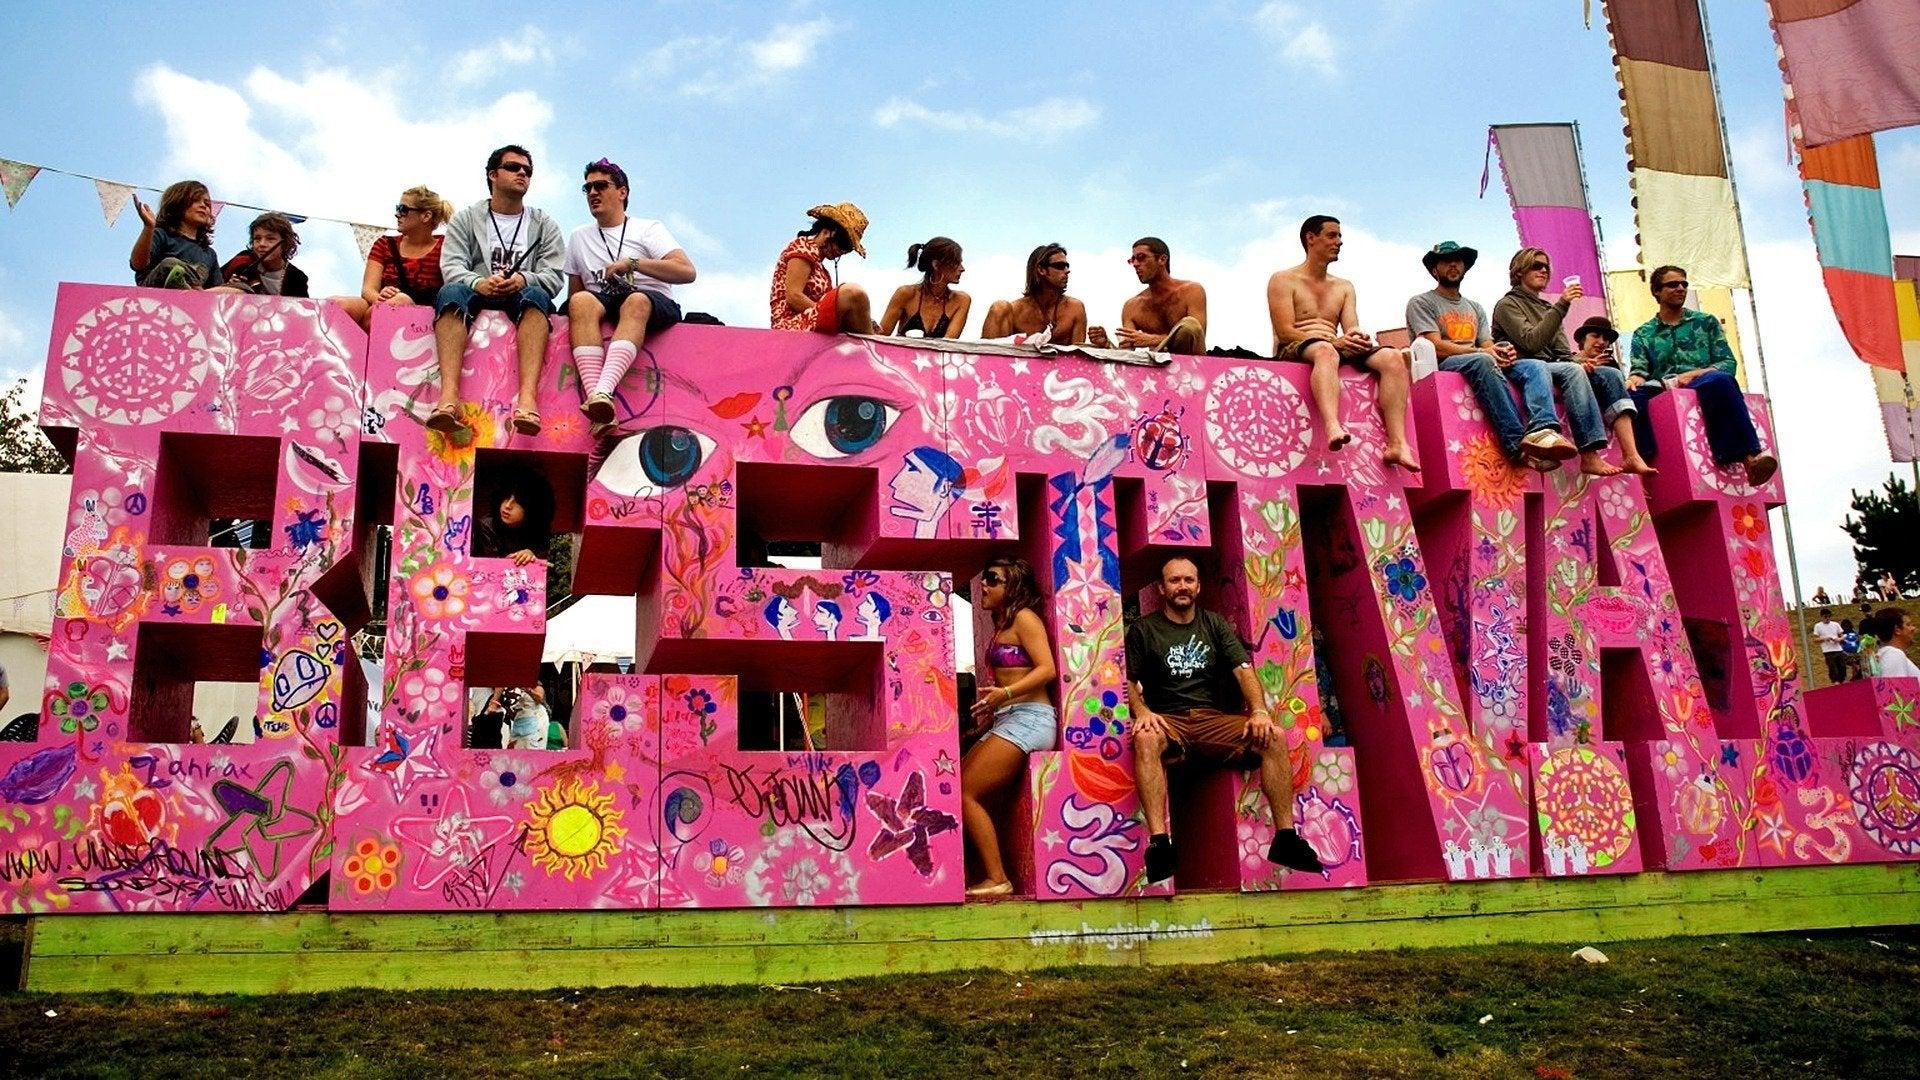 Bestival Festival 2015